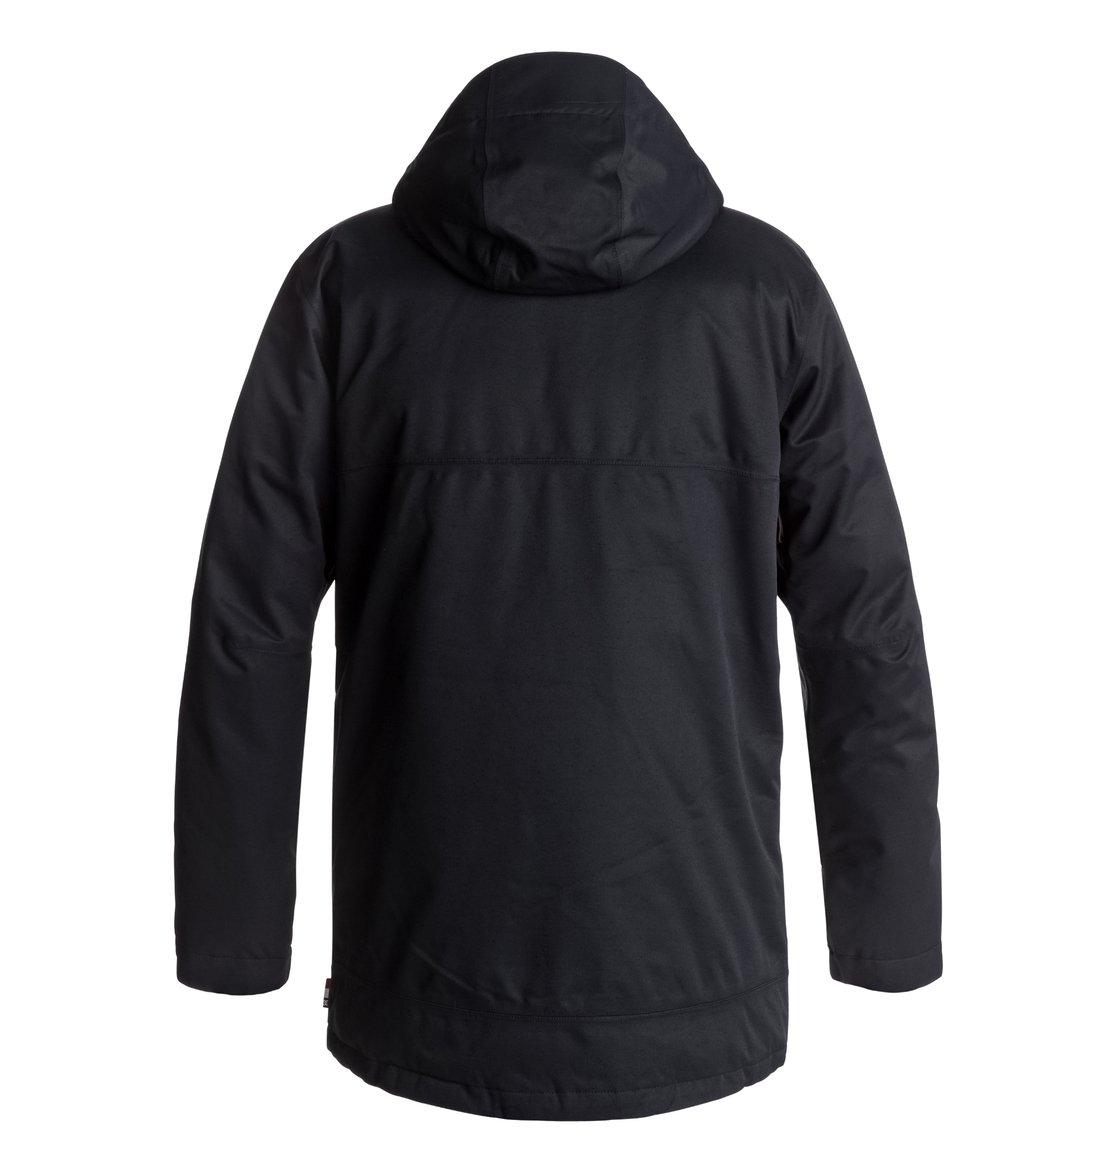 Сноубордическая куртка Harbor EDYTJ03046   DC Shoes 4d0aec80f61